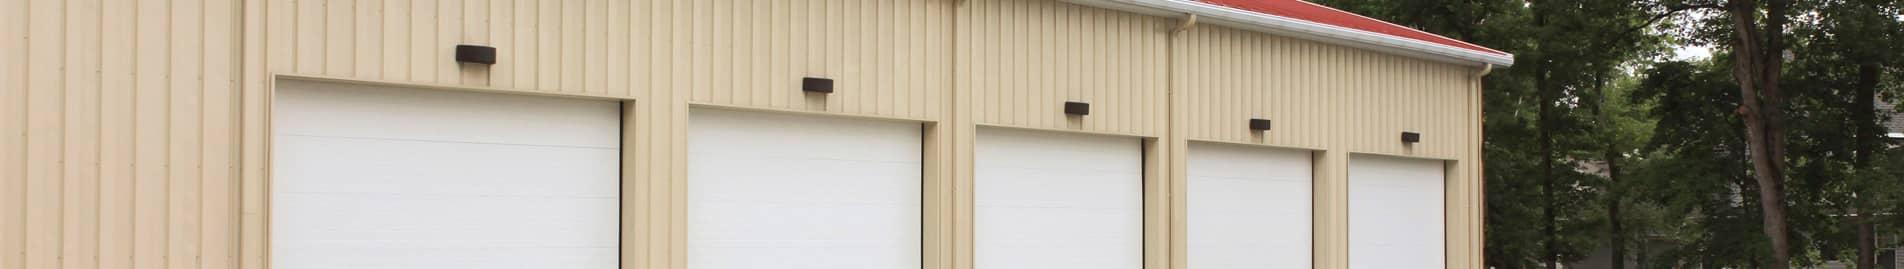 Commercial Garage Door Openers in Phoenix